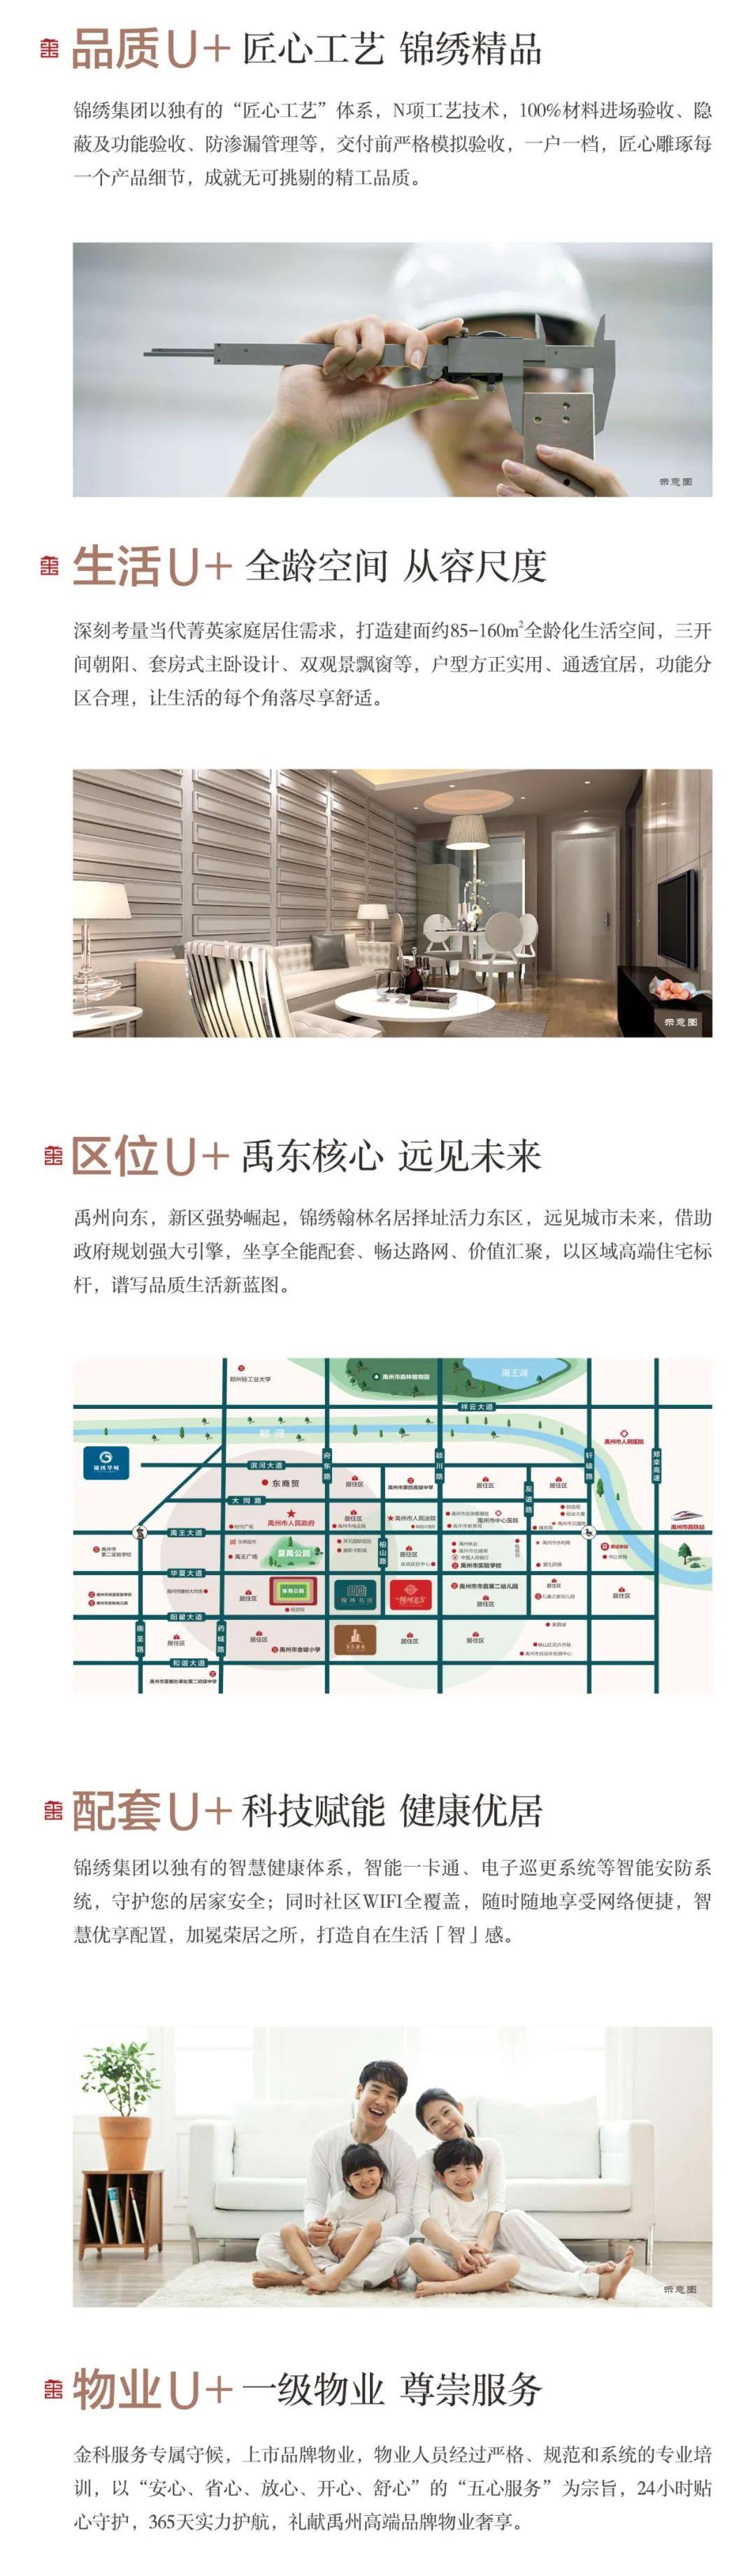 1月23日禹州锦绣翰林名居首推大捷 全城竞逐